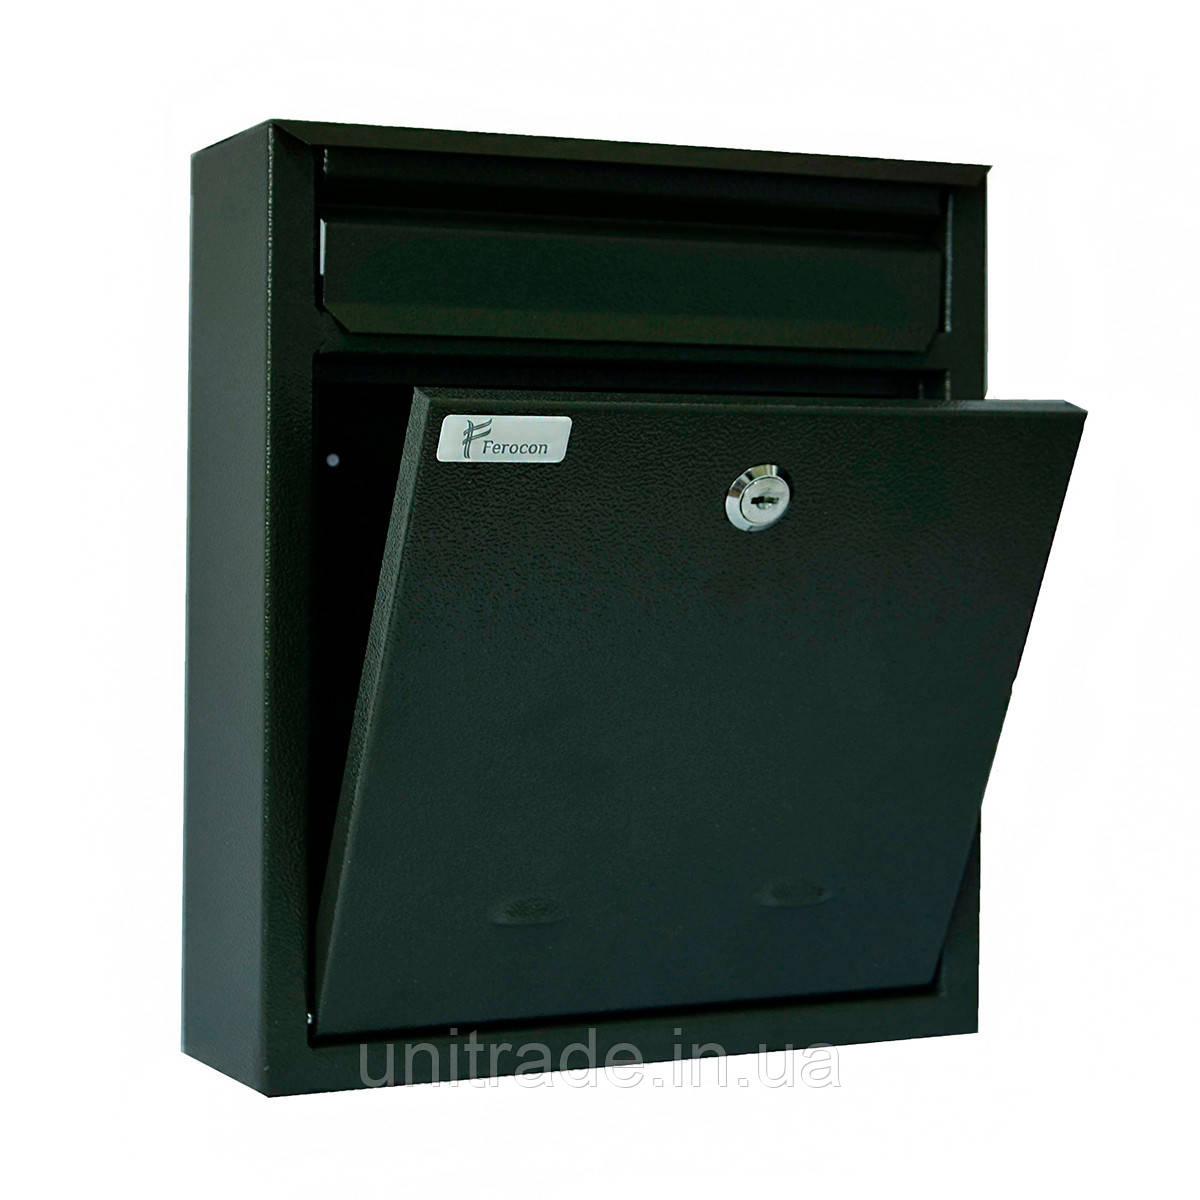 Ящик почтовый РВ-04 Ferocon, 30x35x7 см. серый